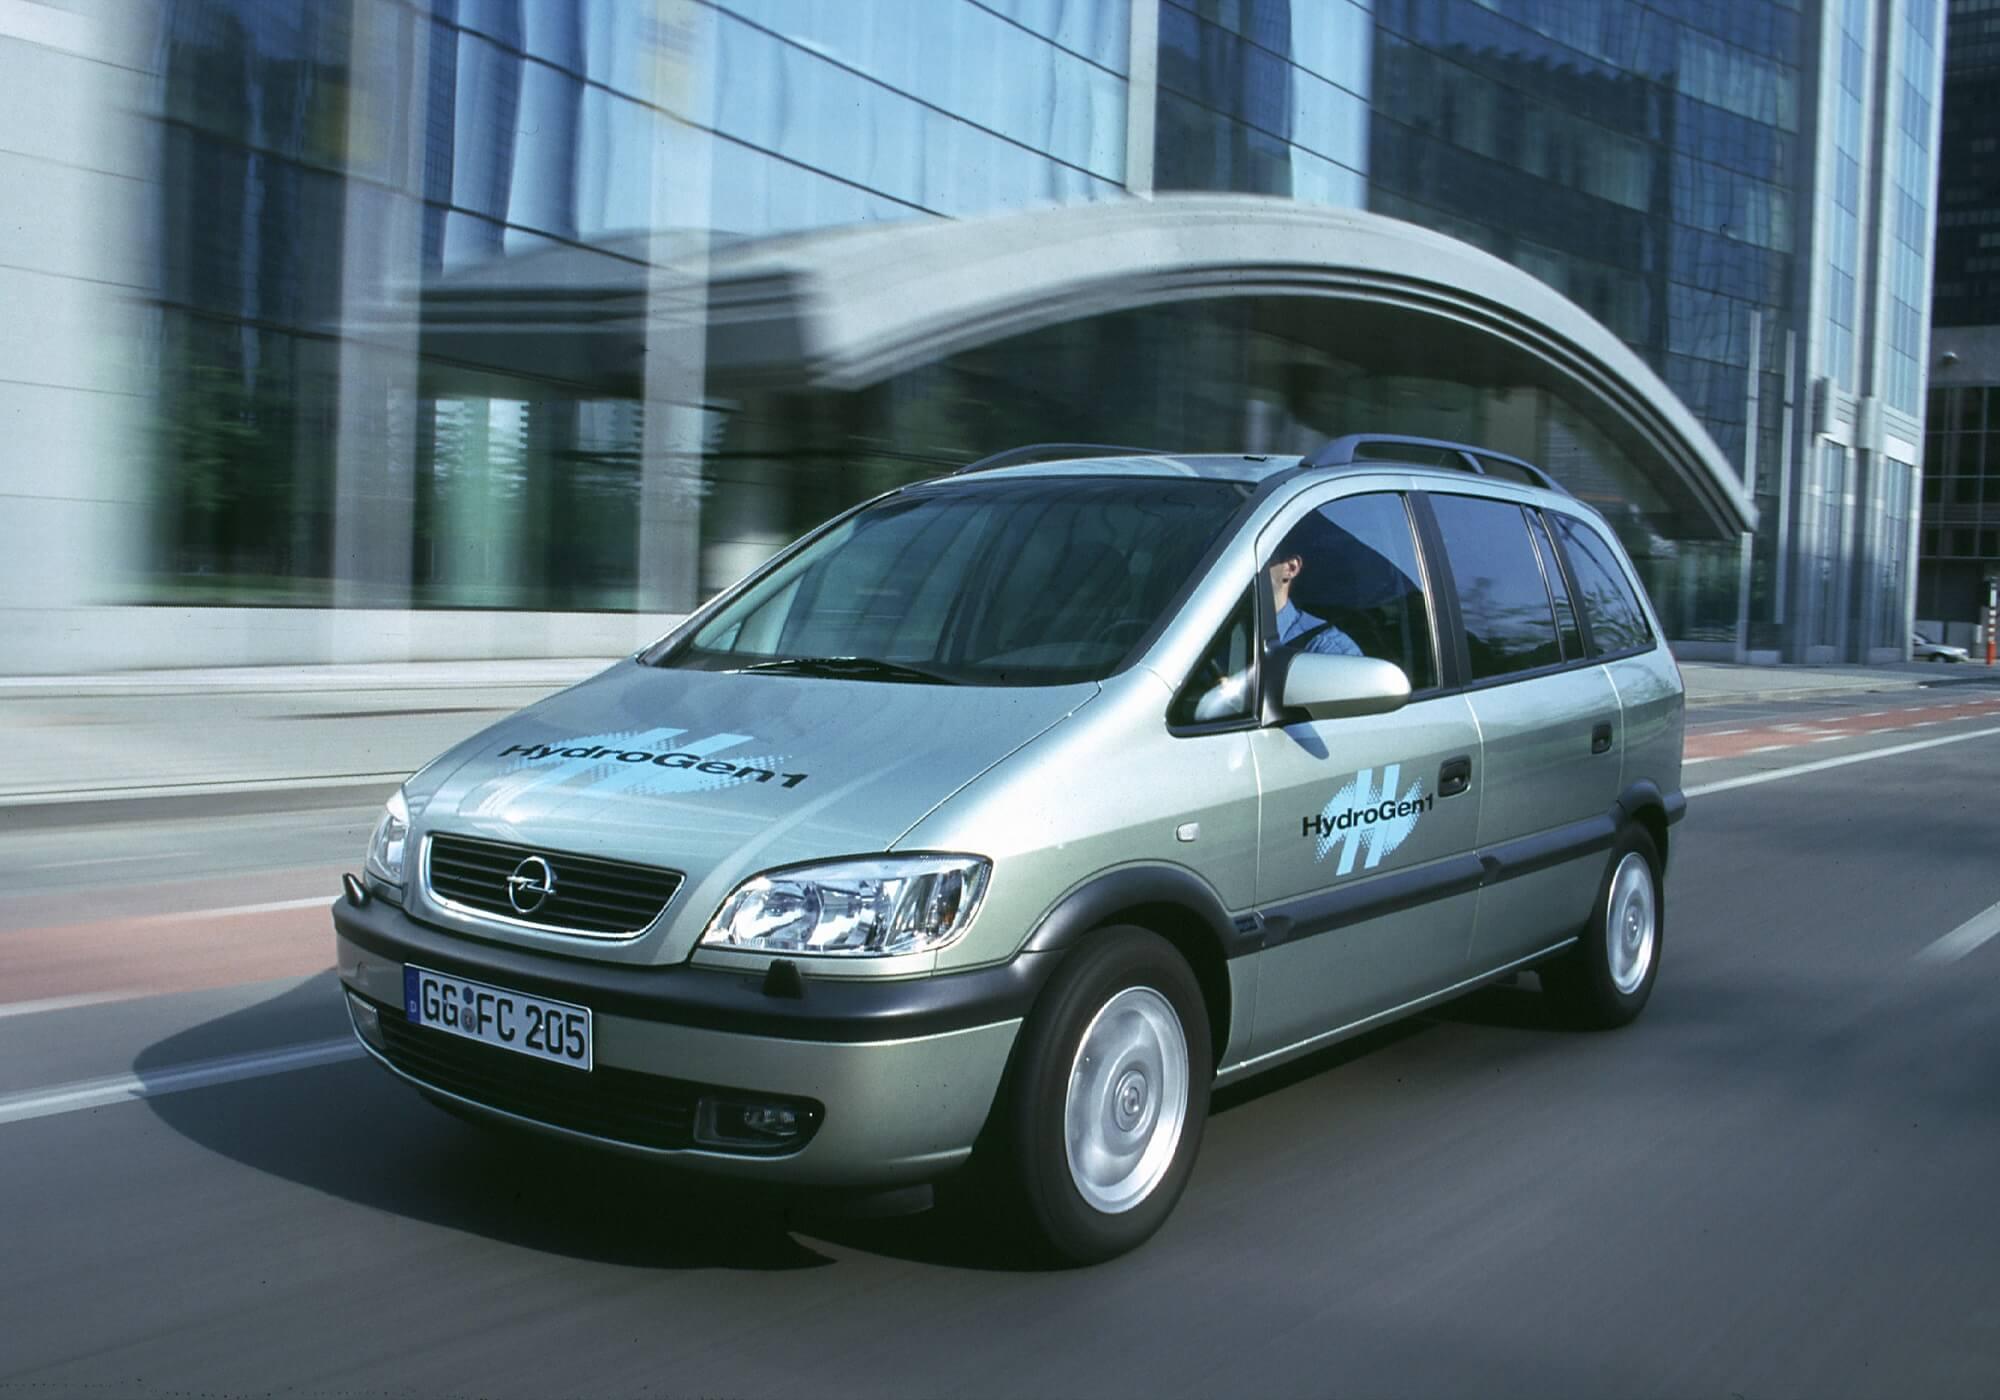 Opel Hydrogen 1